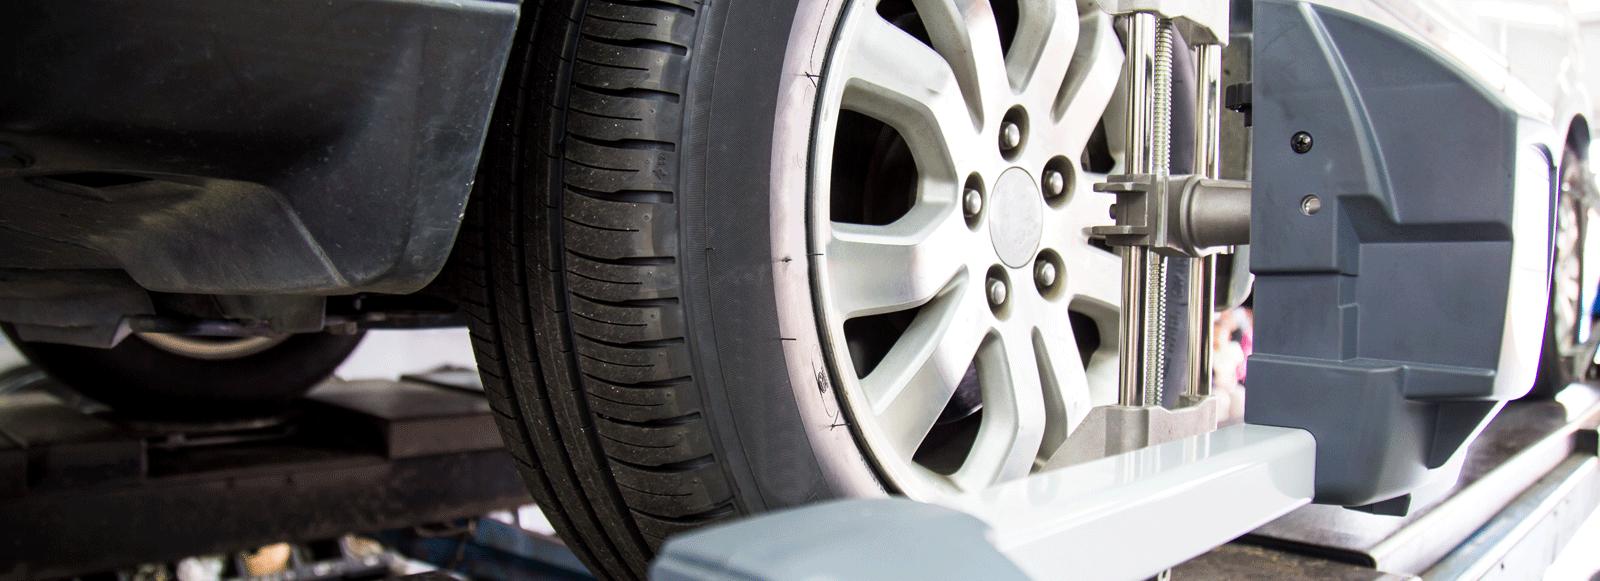 Ewing Auto Repair image 6